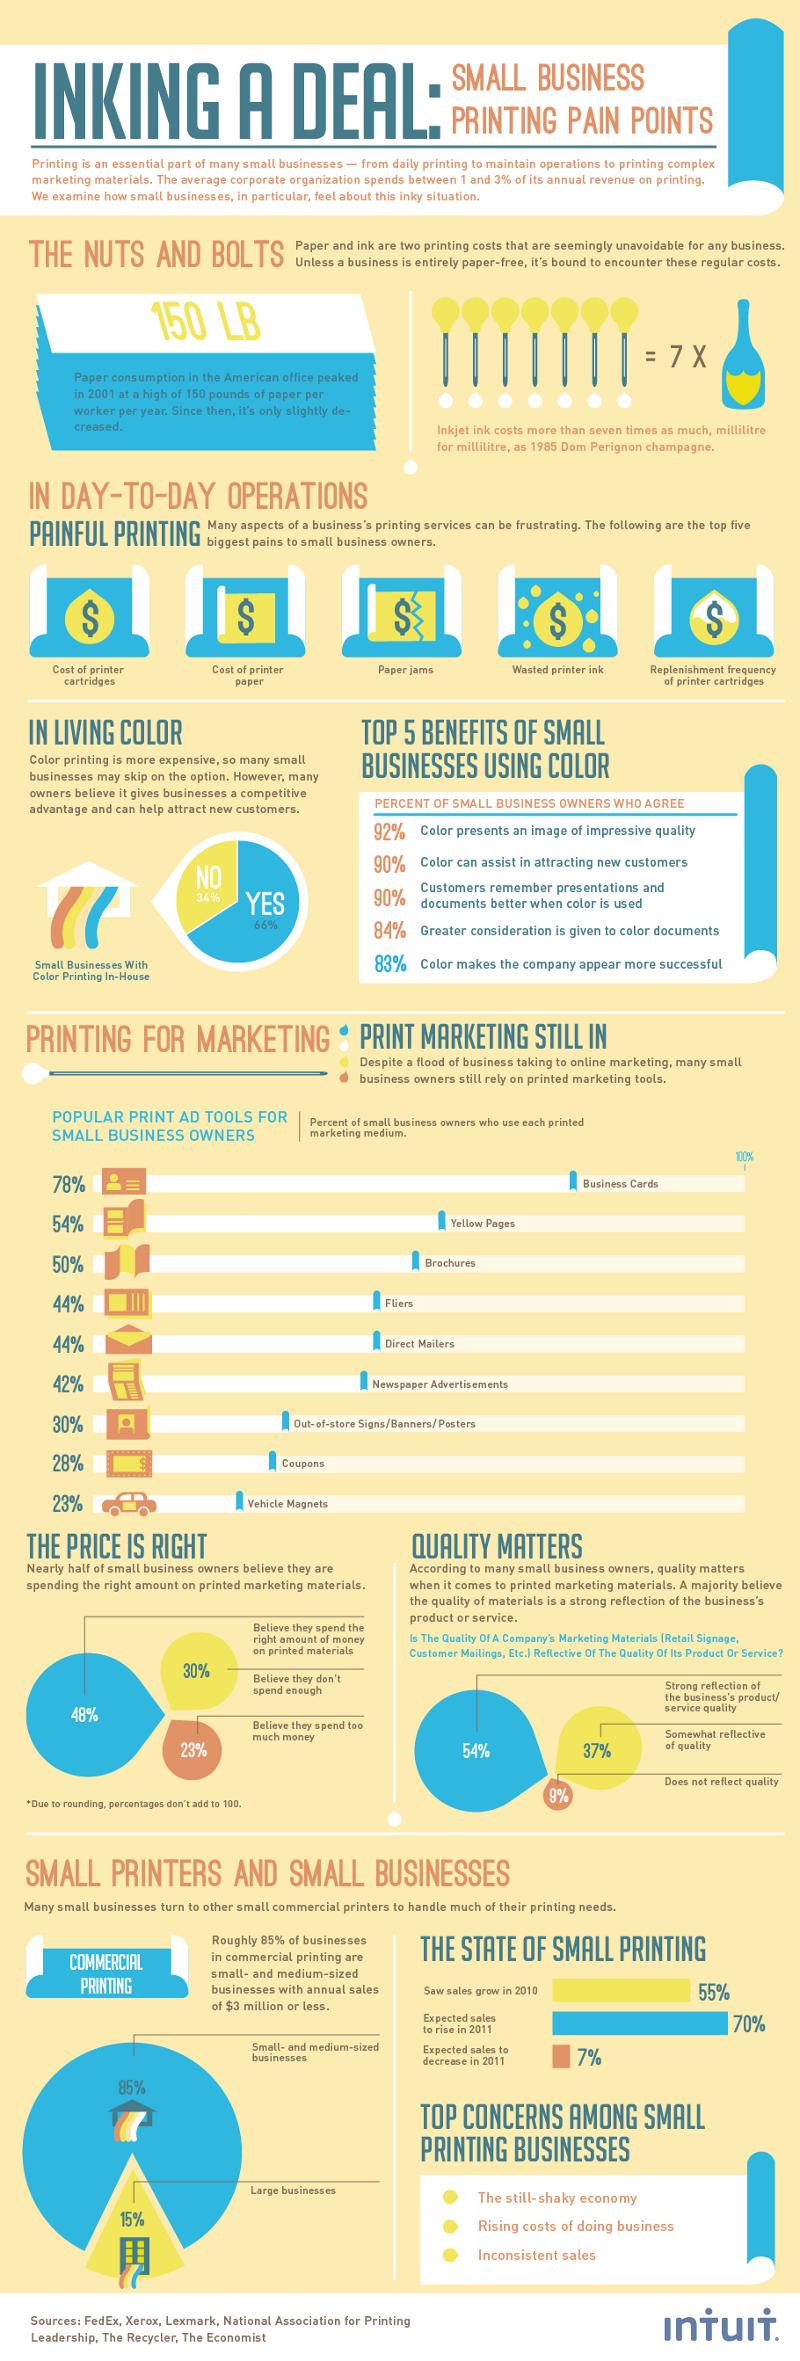 Popular-Print-Ad-Tools